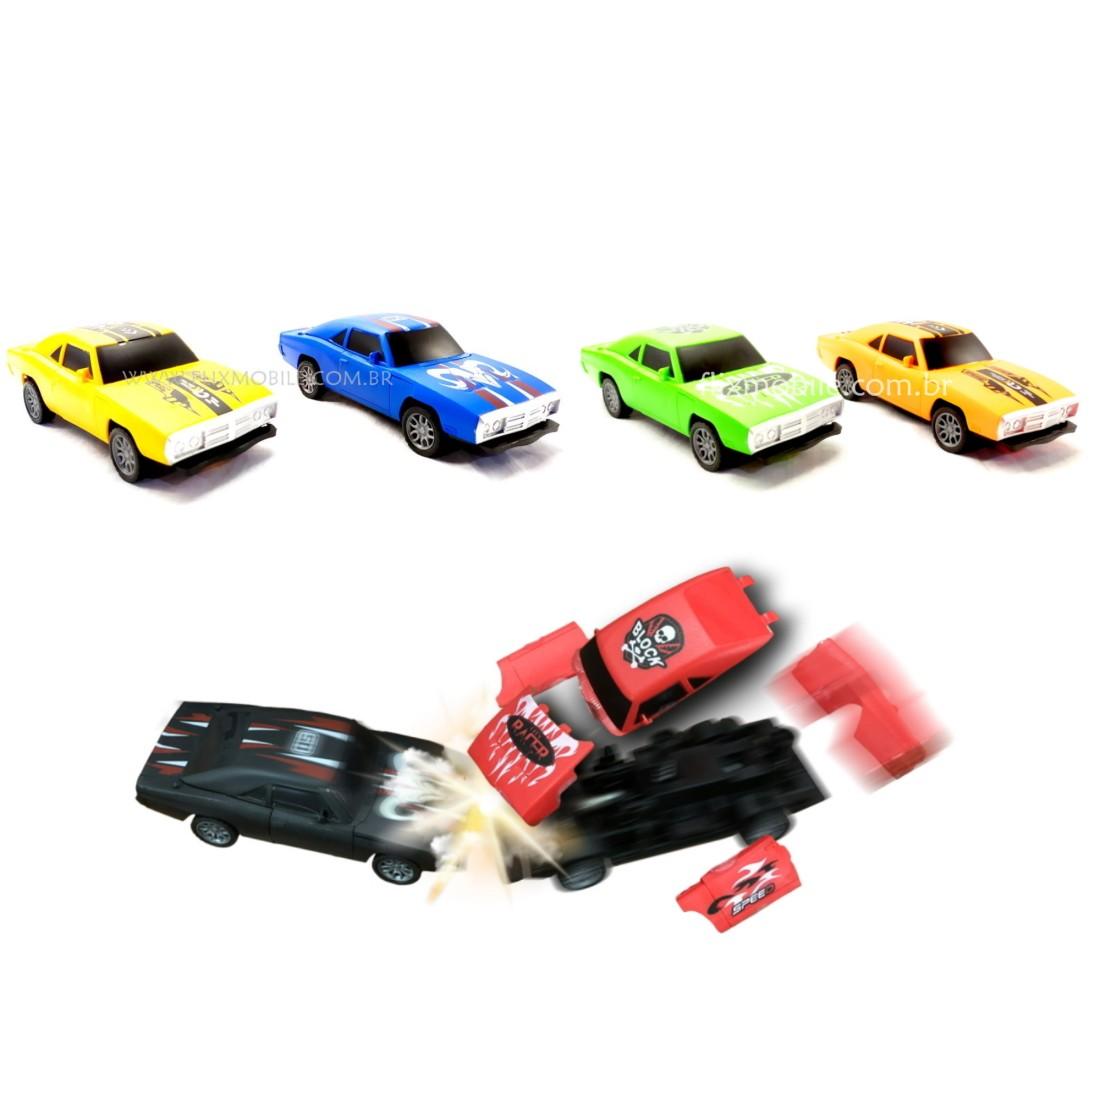 Coleção Carrinhos Bate e Quebra Clássico de Fricção com 6 Carros